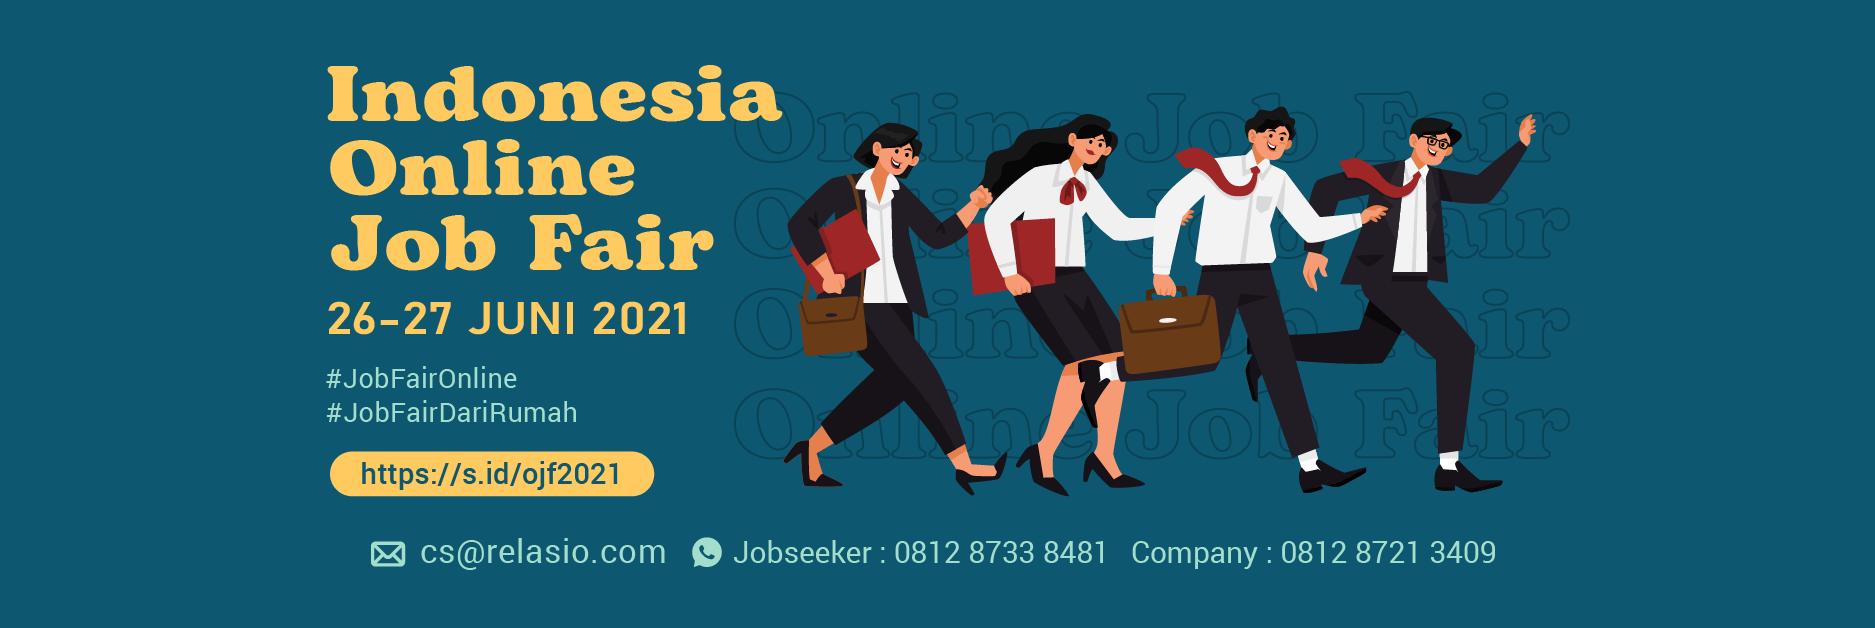 Job Fair Online Relasio.com Juni 2021